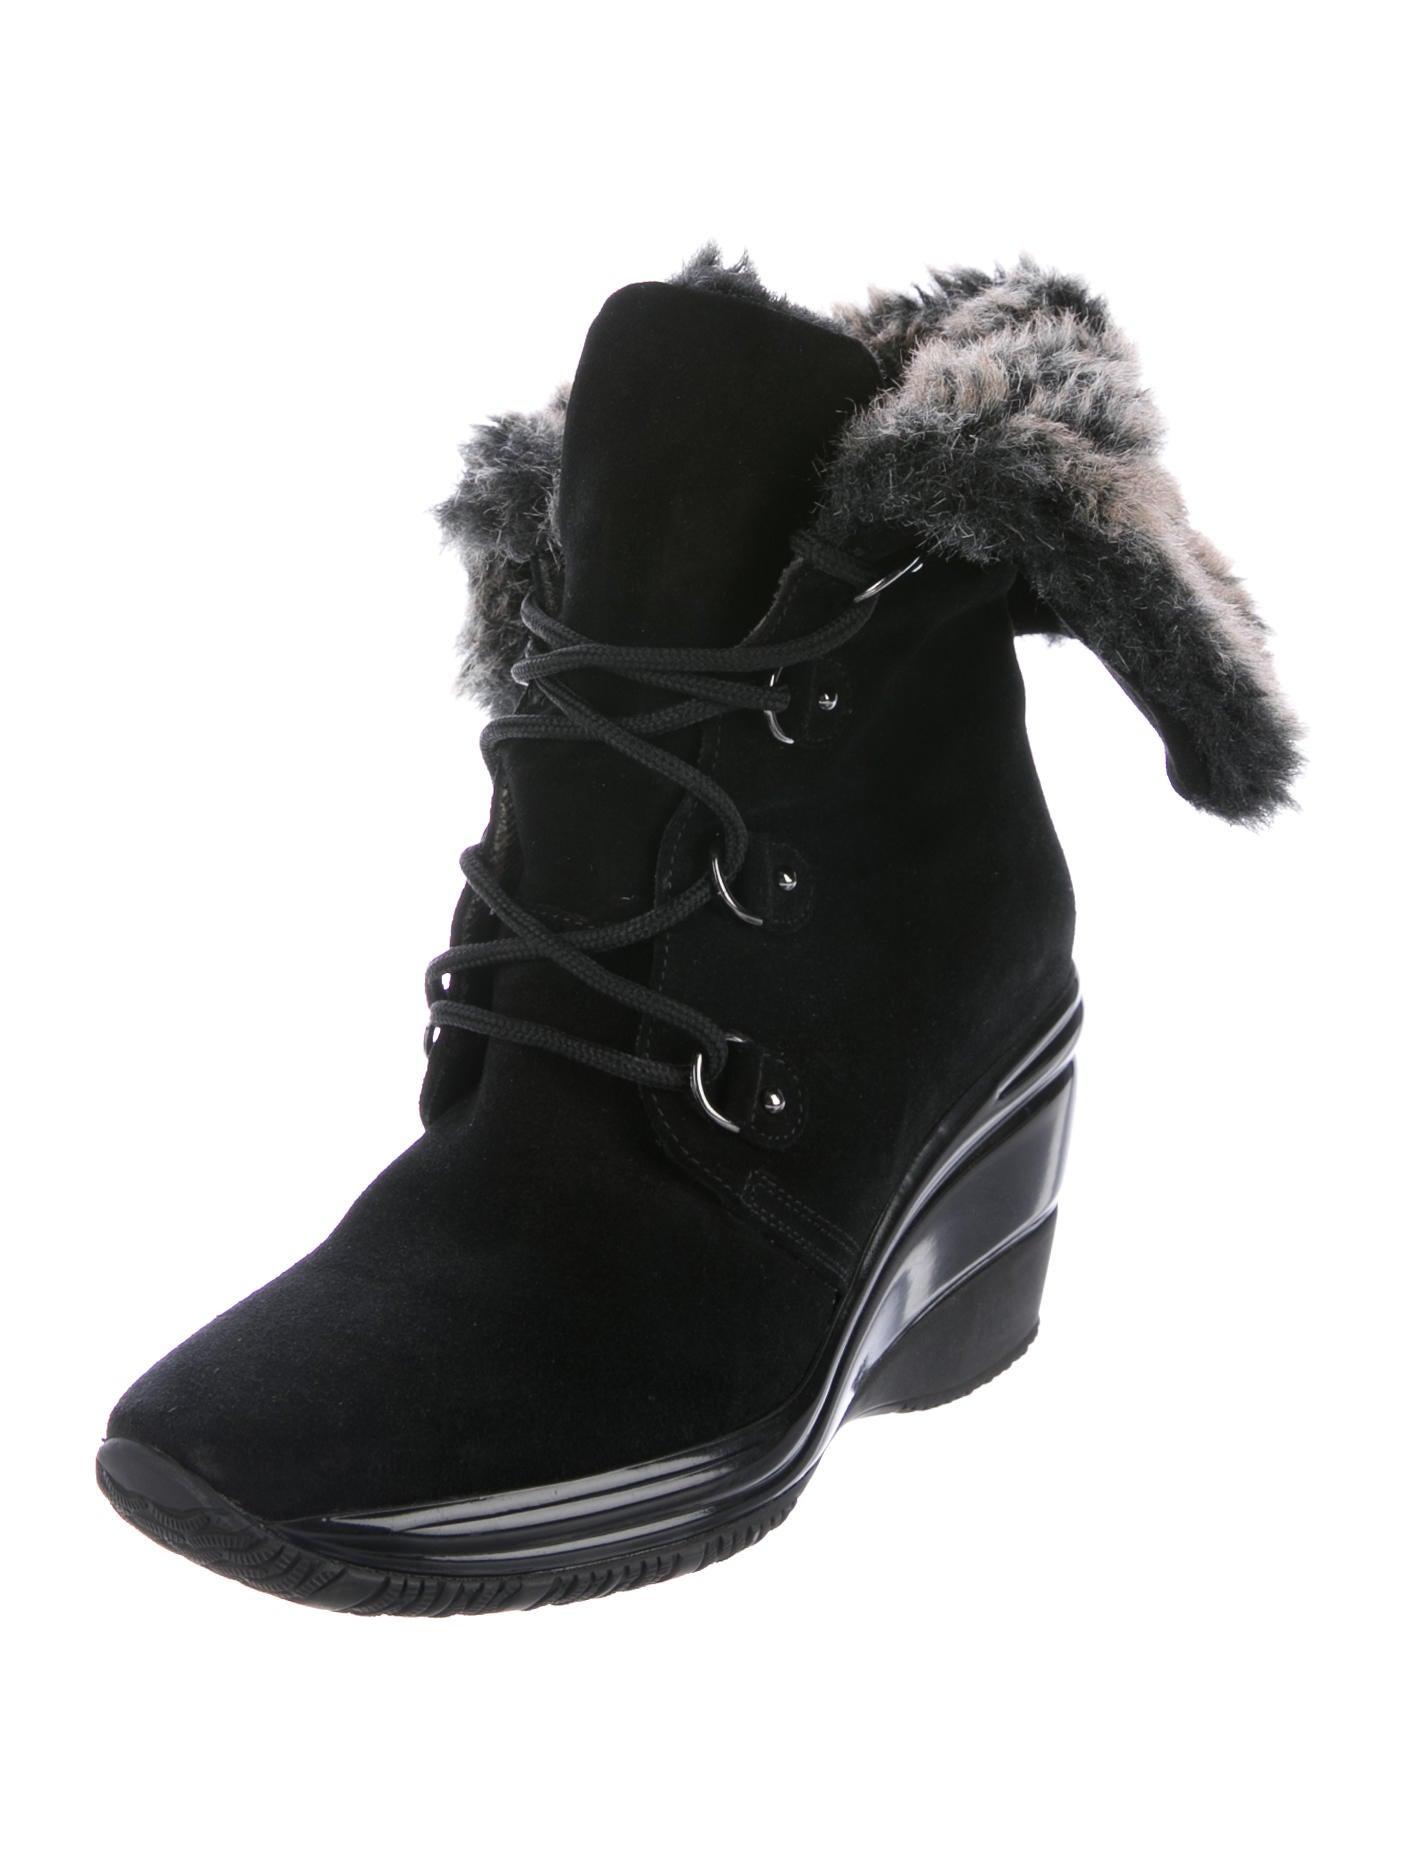 aquatalia suede mid calf boots shoes waqtl20311 the